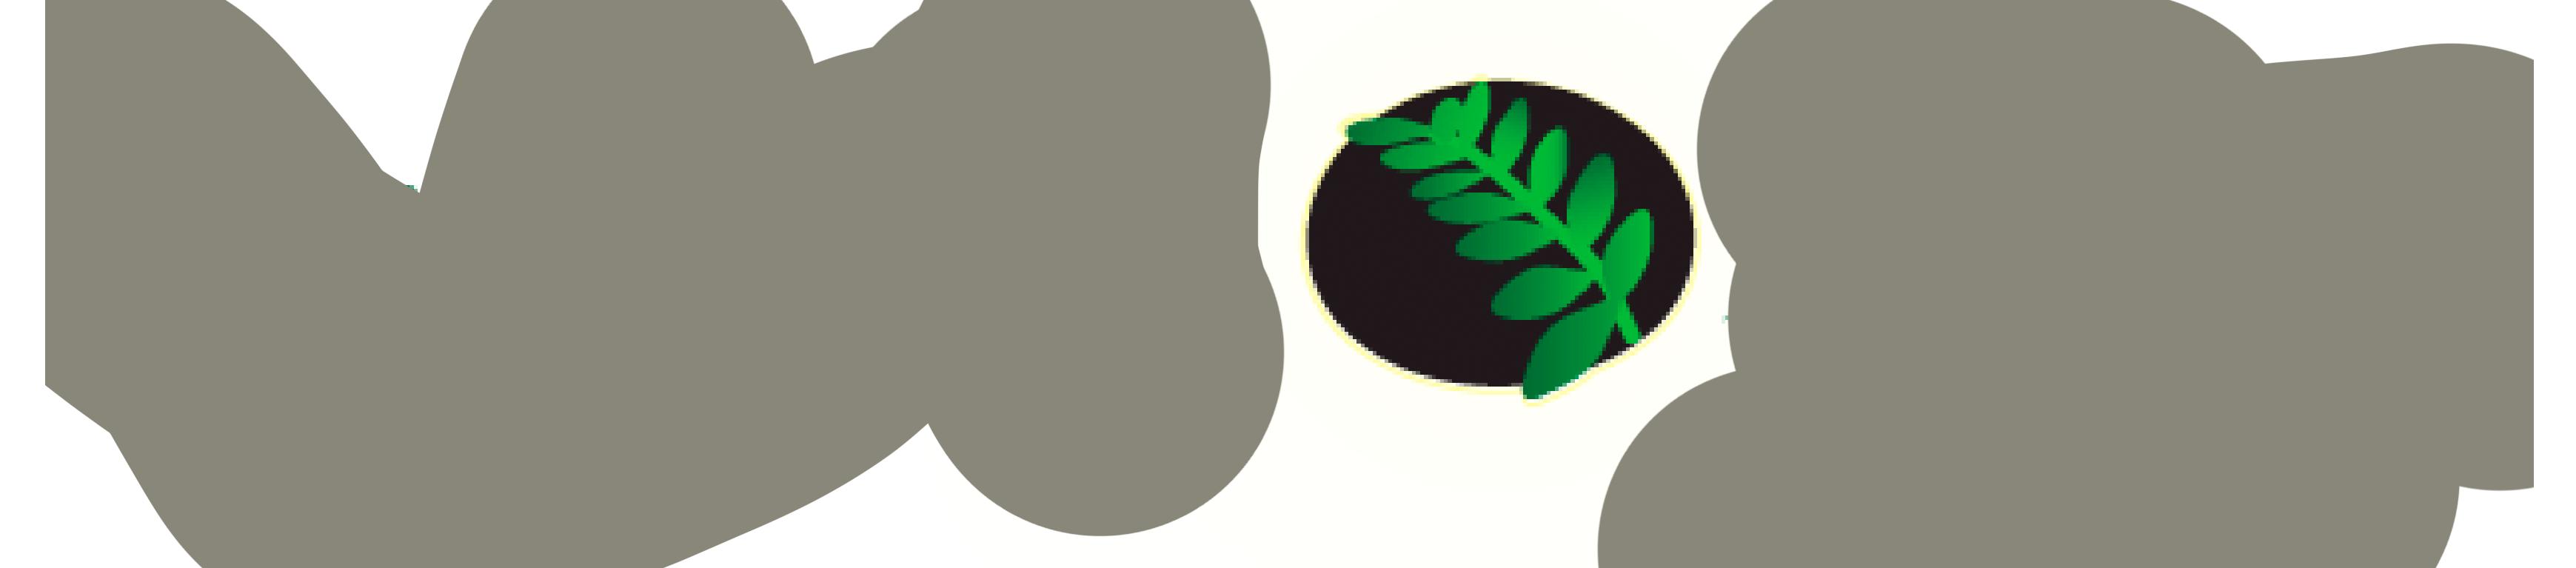 lan-light-logo